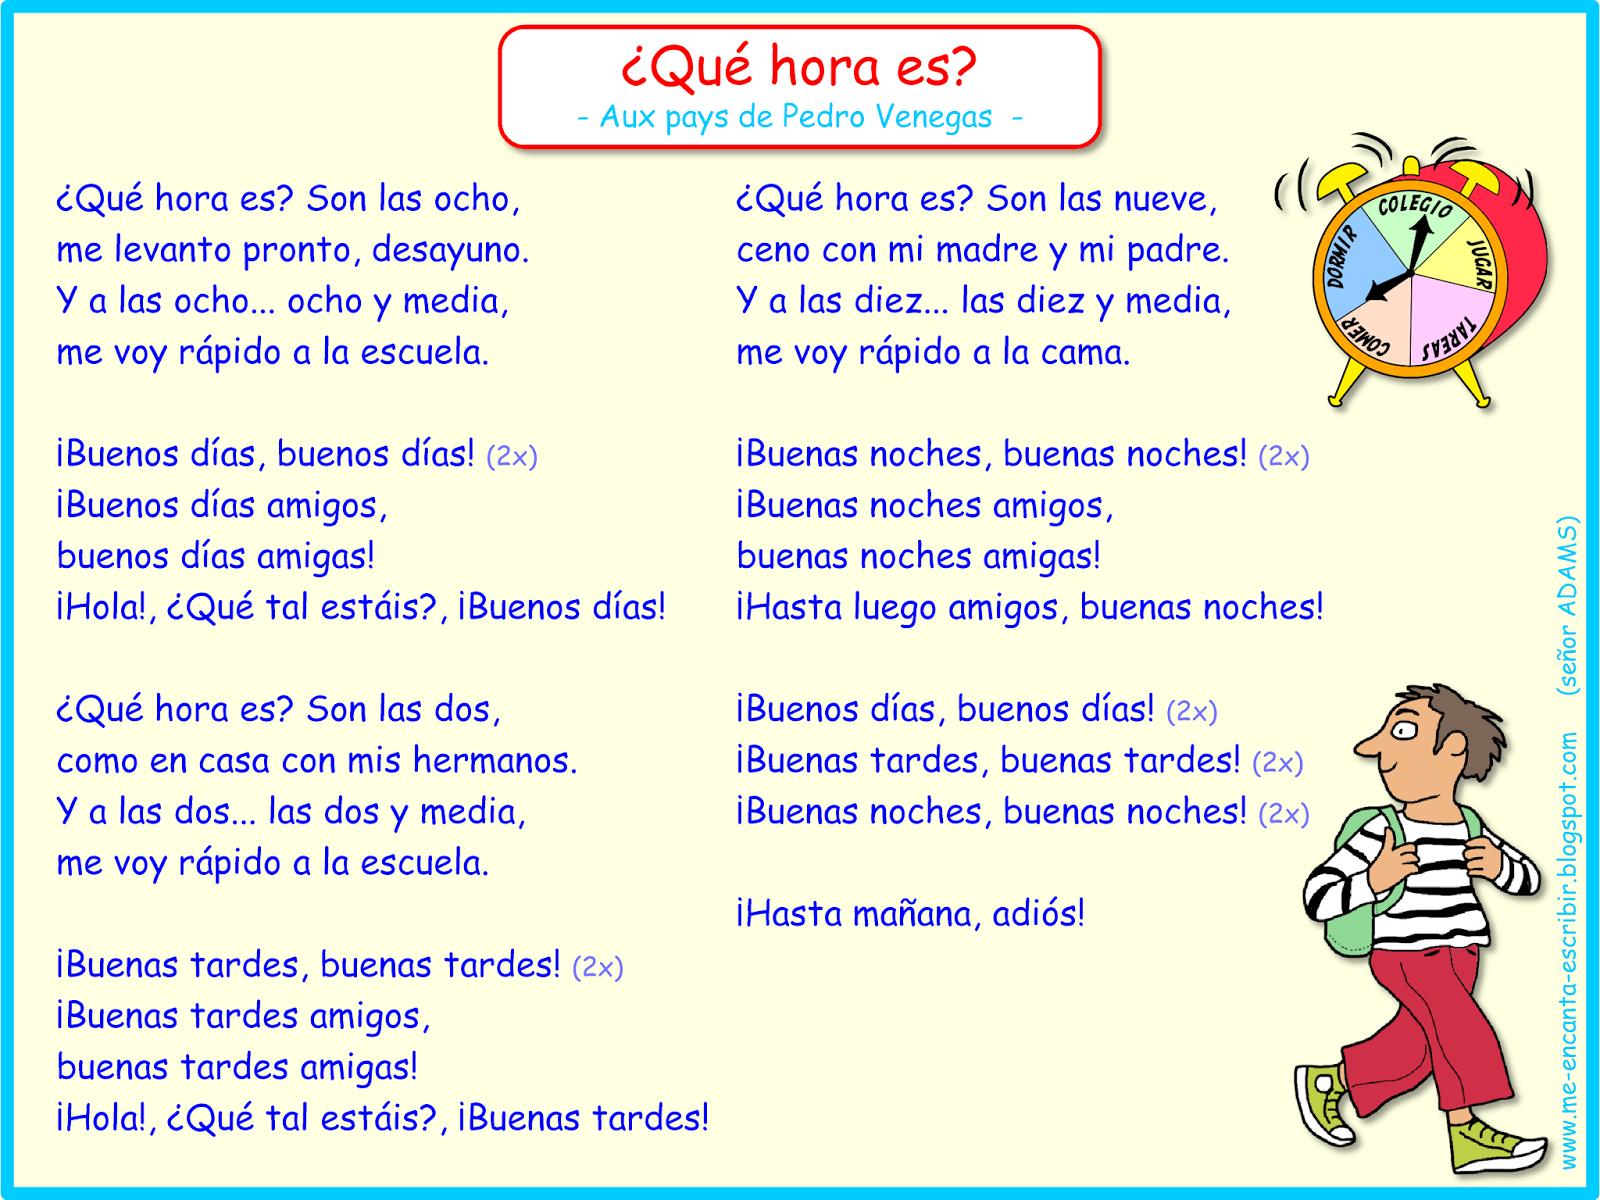 Cancion Que Hora Es Au Pays De Pedro Venegas Rutina